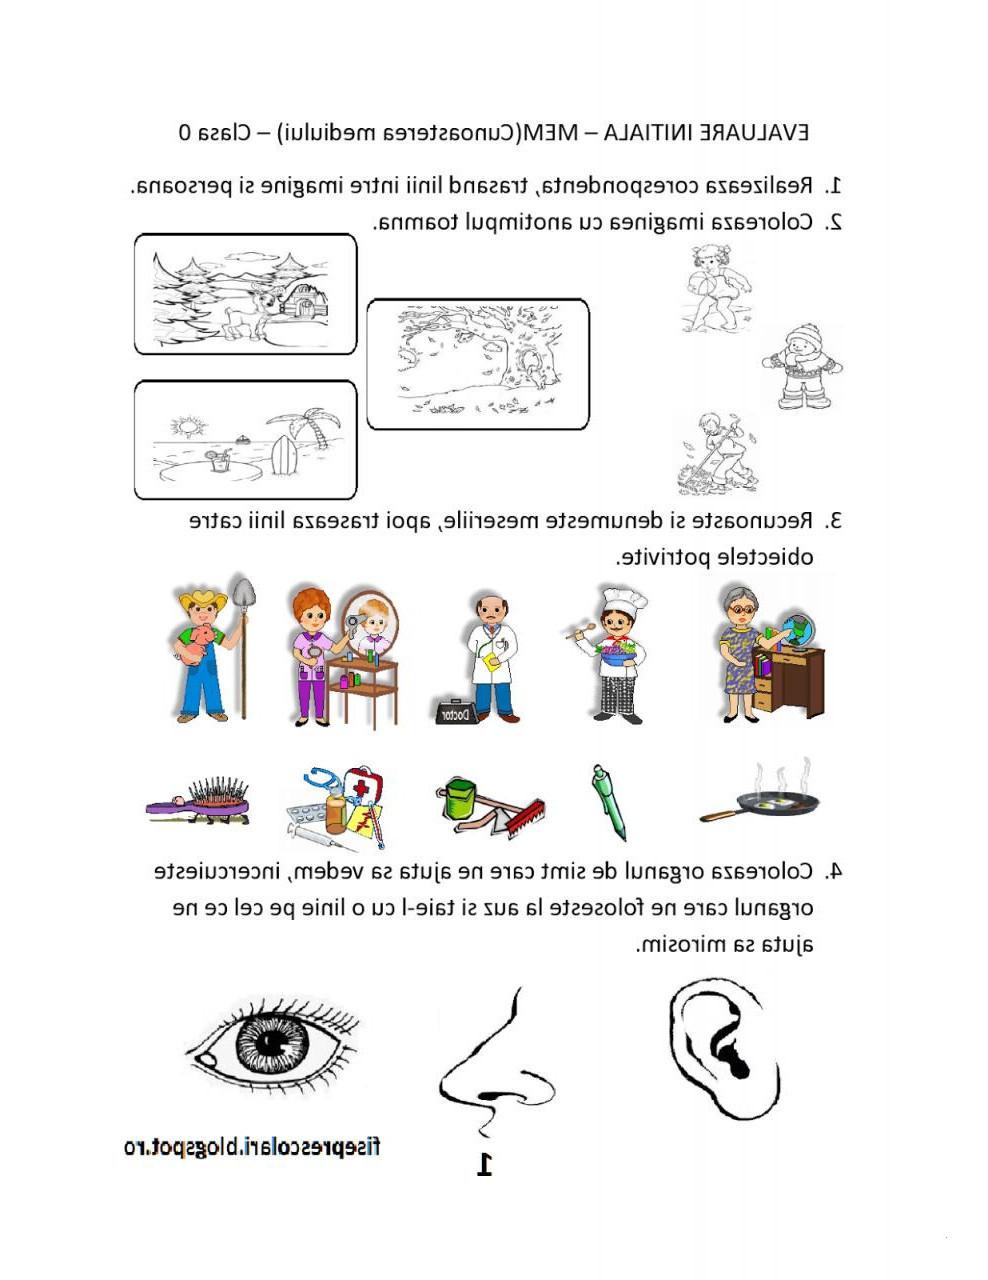 Mensch Zum Ausmalen Genial 37 Beste Von Ausmalbilder Emoji – Große Coloring Page Sammlung Bild